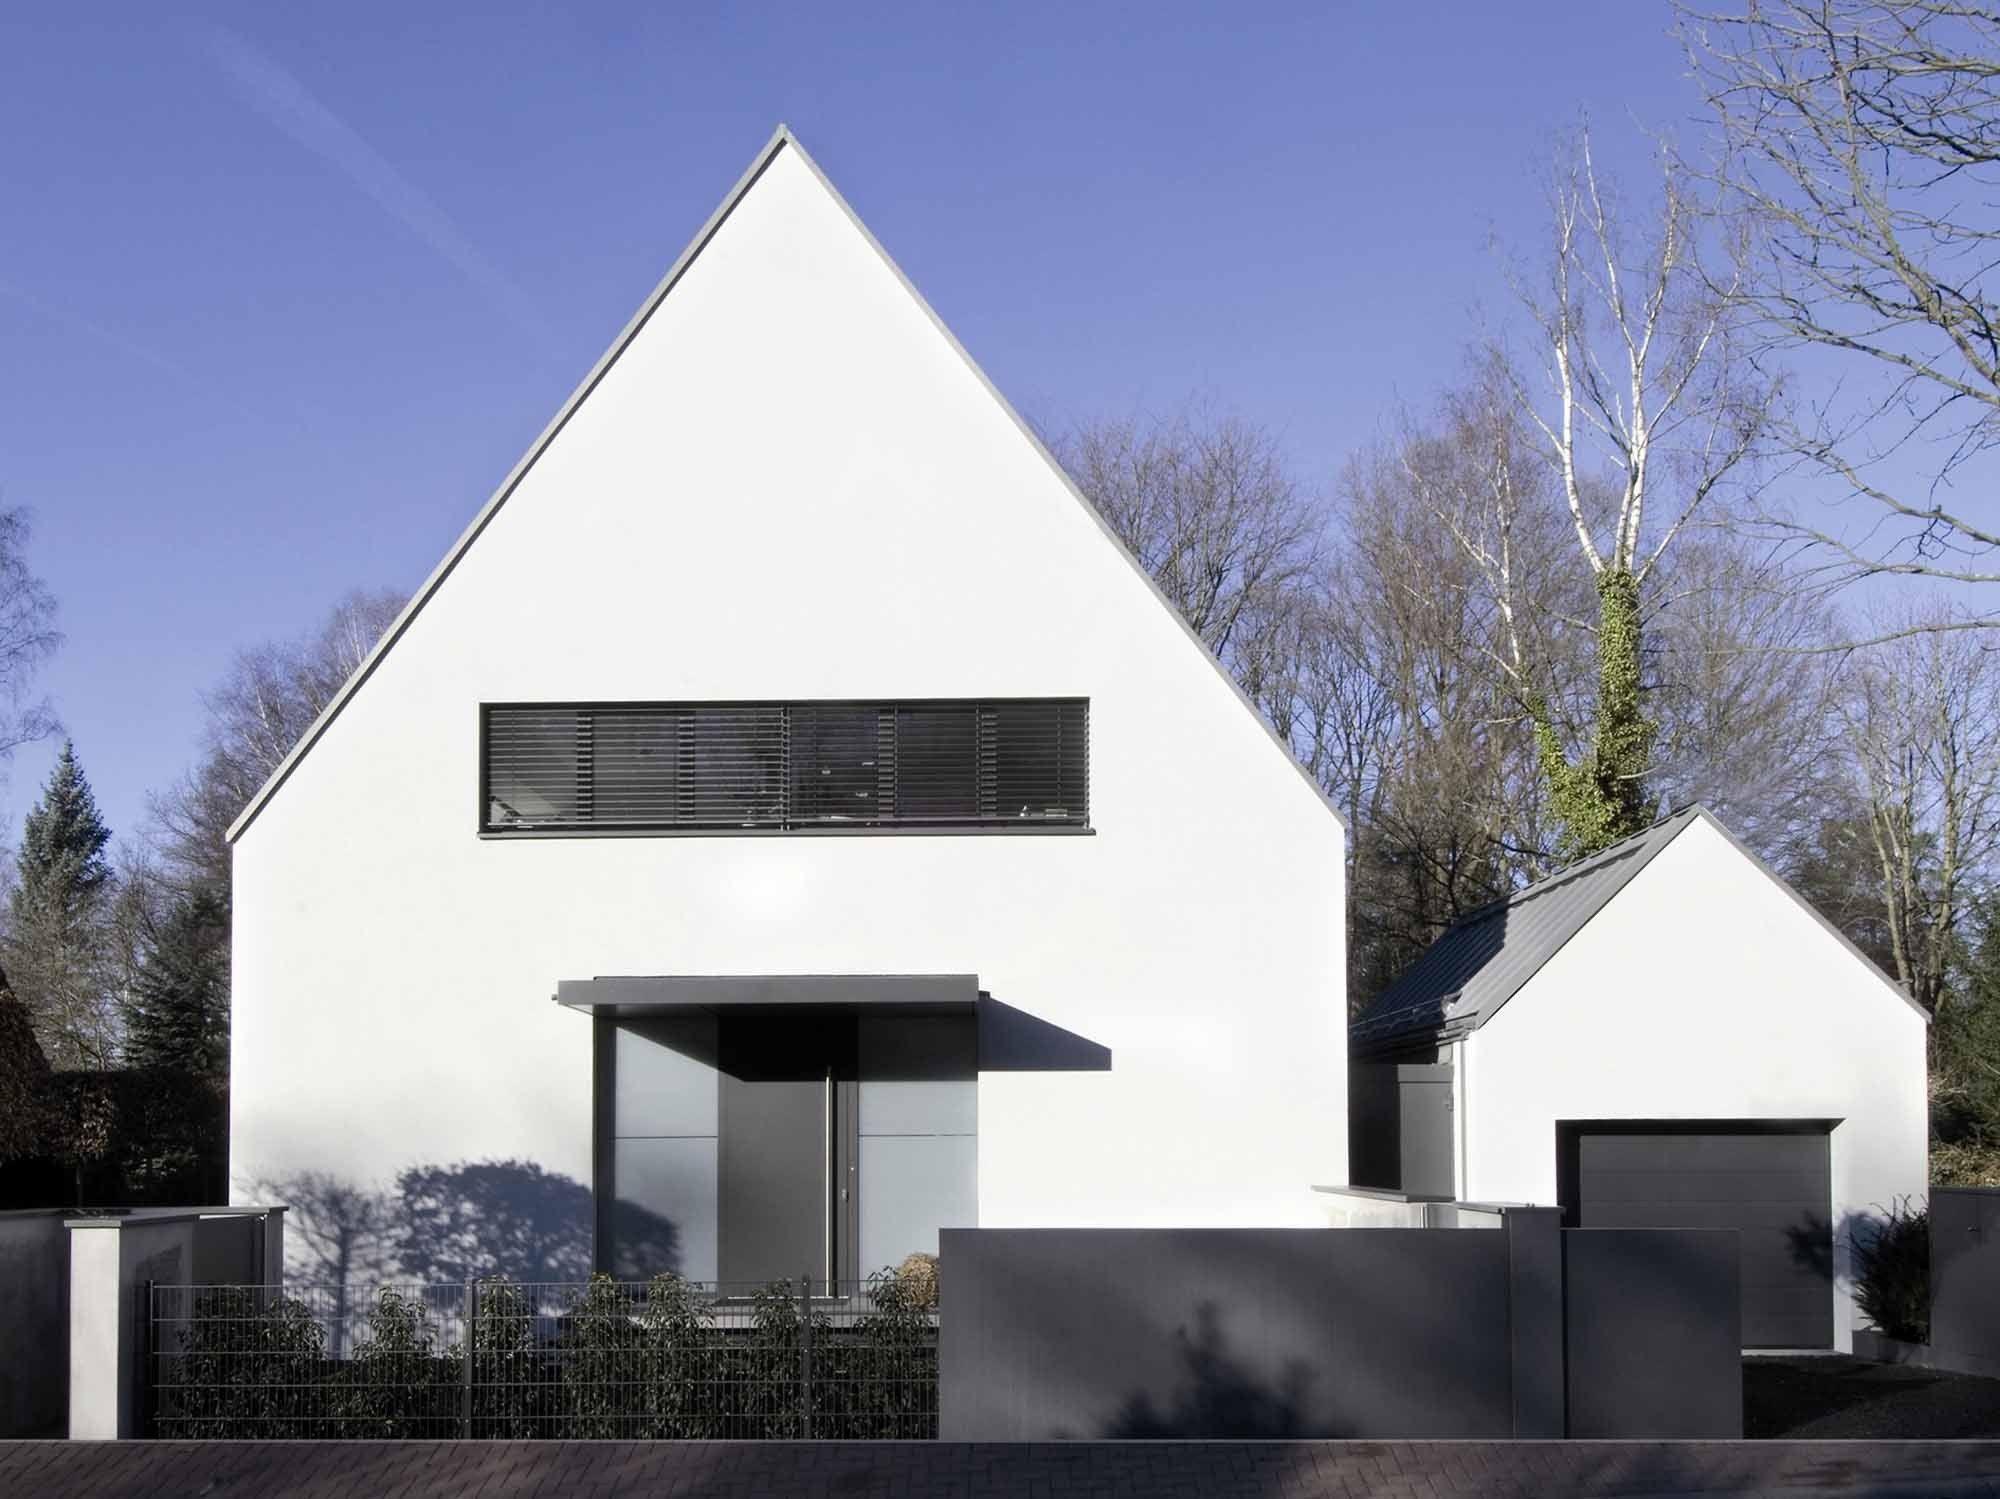 Architekten Bad Homburg einfache häuser mit satteldächern prä die siedlungsstruktur am